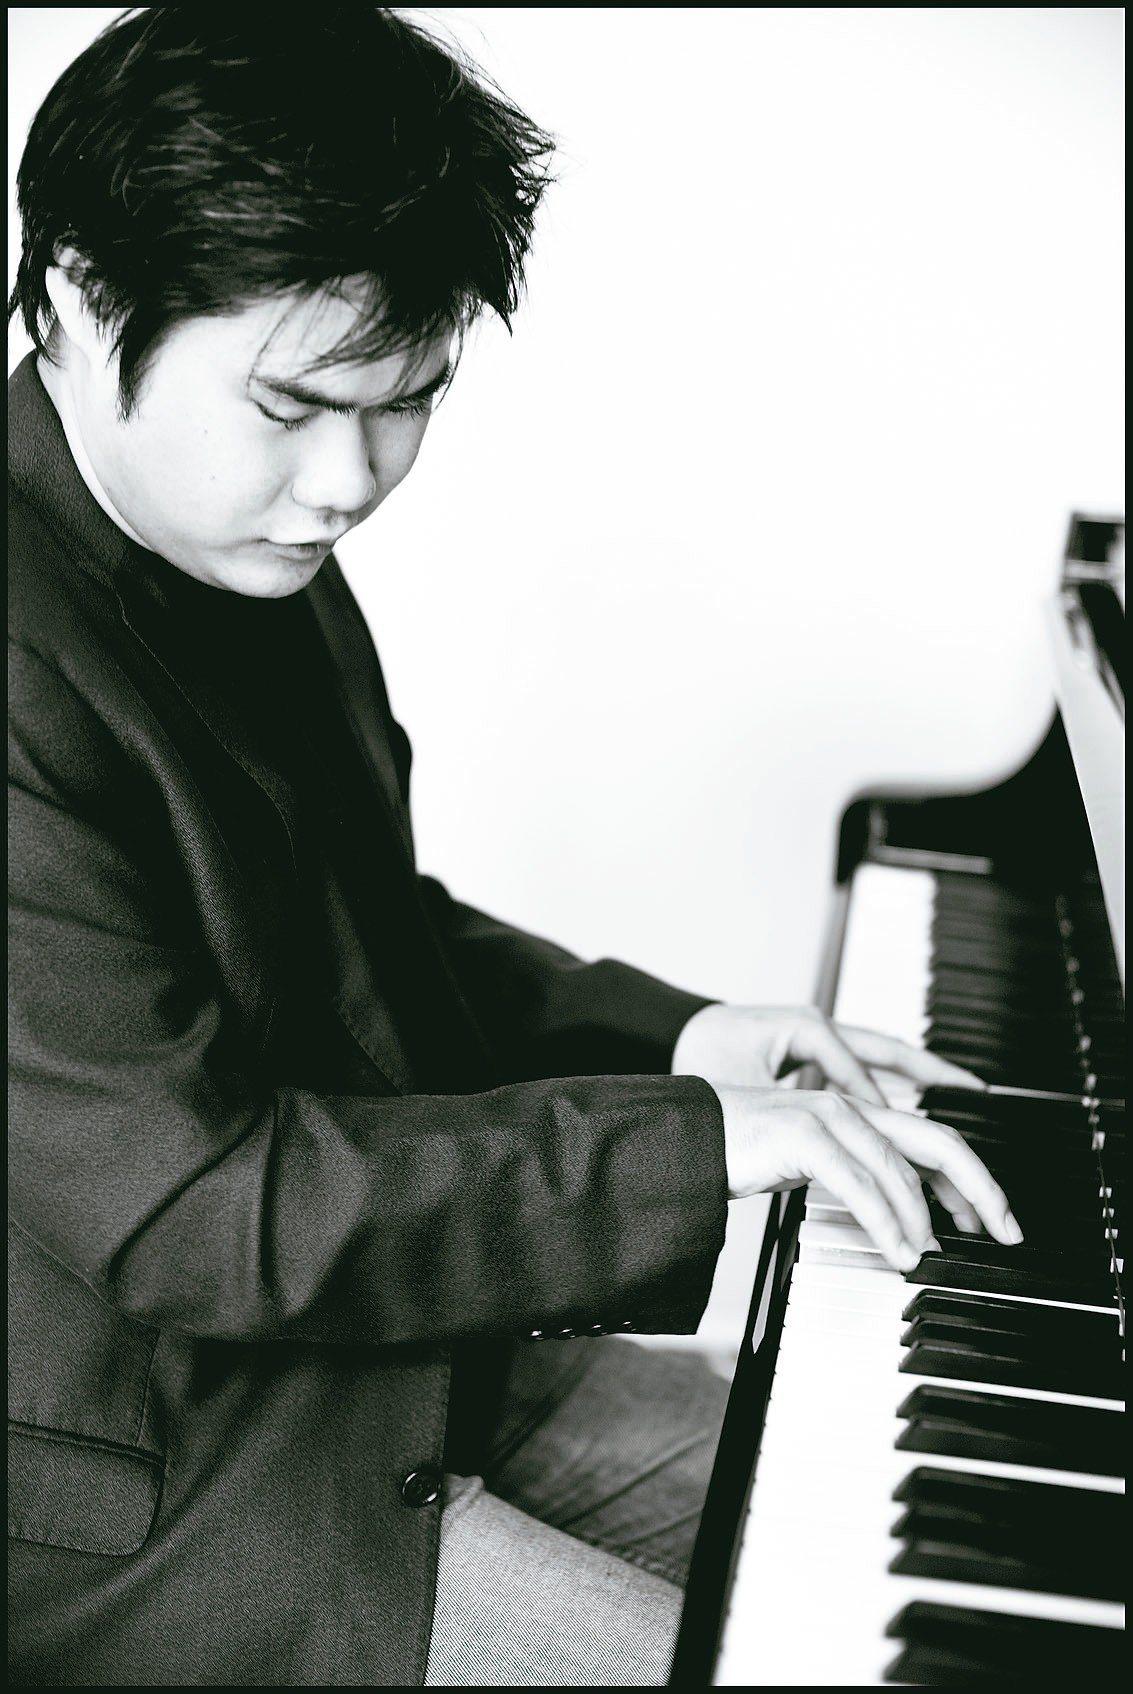 天才鋼琴家辻井伸行將於四月來台演出。 圖/Yuji Hori提供